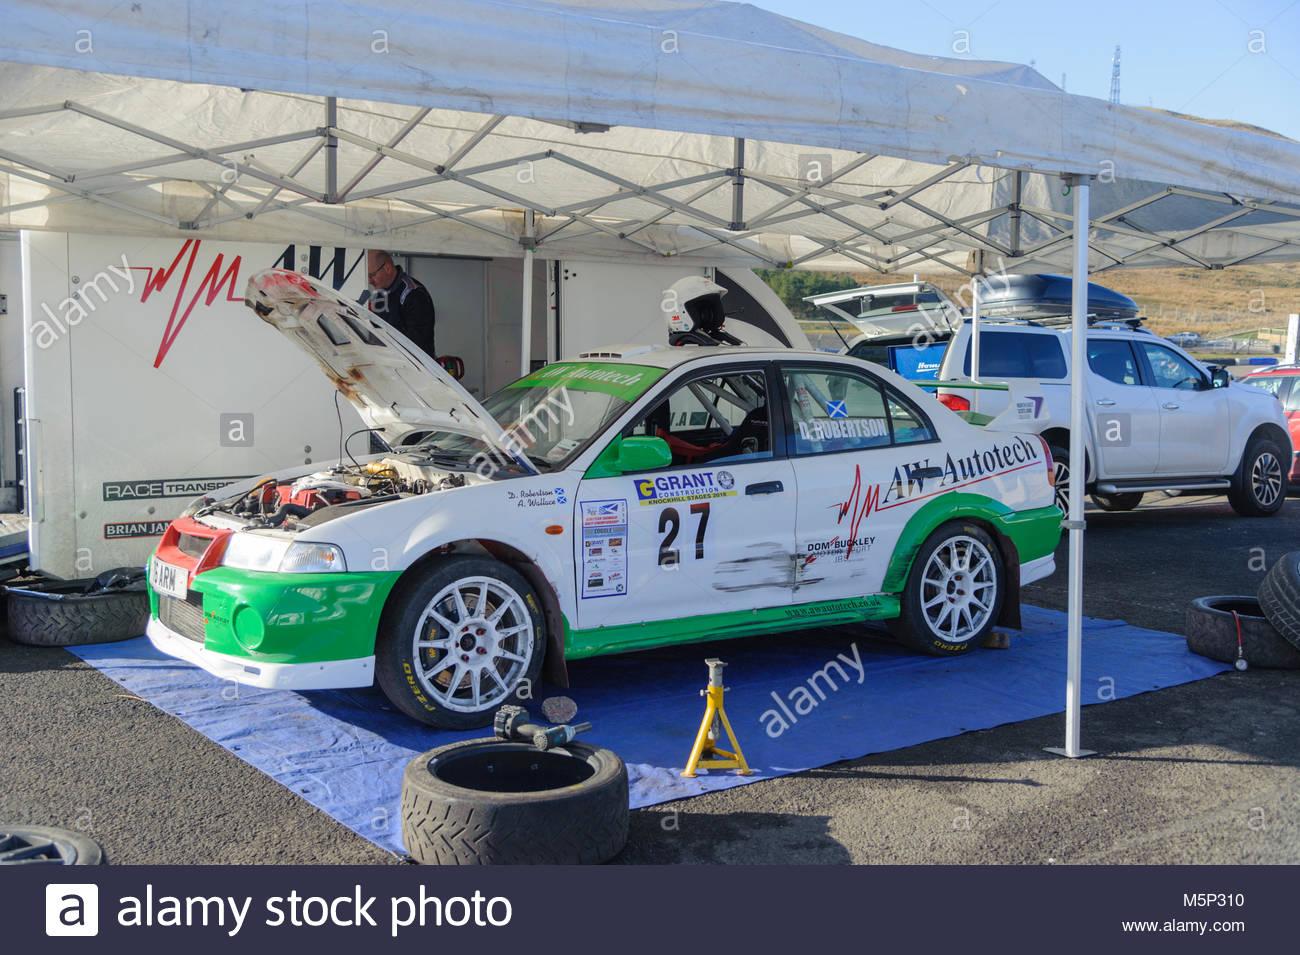 Dunfermline, UK. 25. Februar, 2018. Mitsubishi Lancer Evo in der Koppel während der Zuschuss Bau Rallye an Stockbild